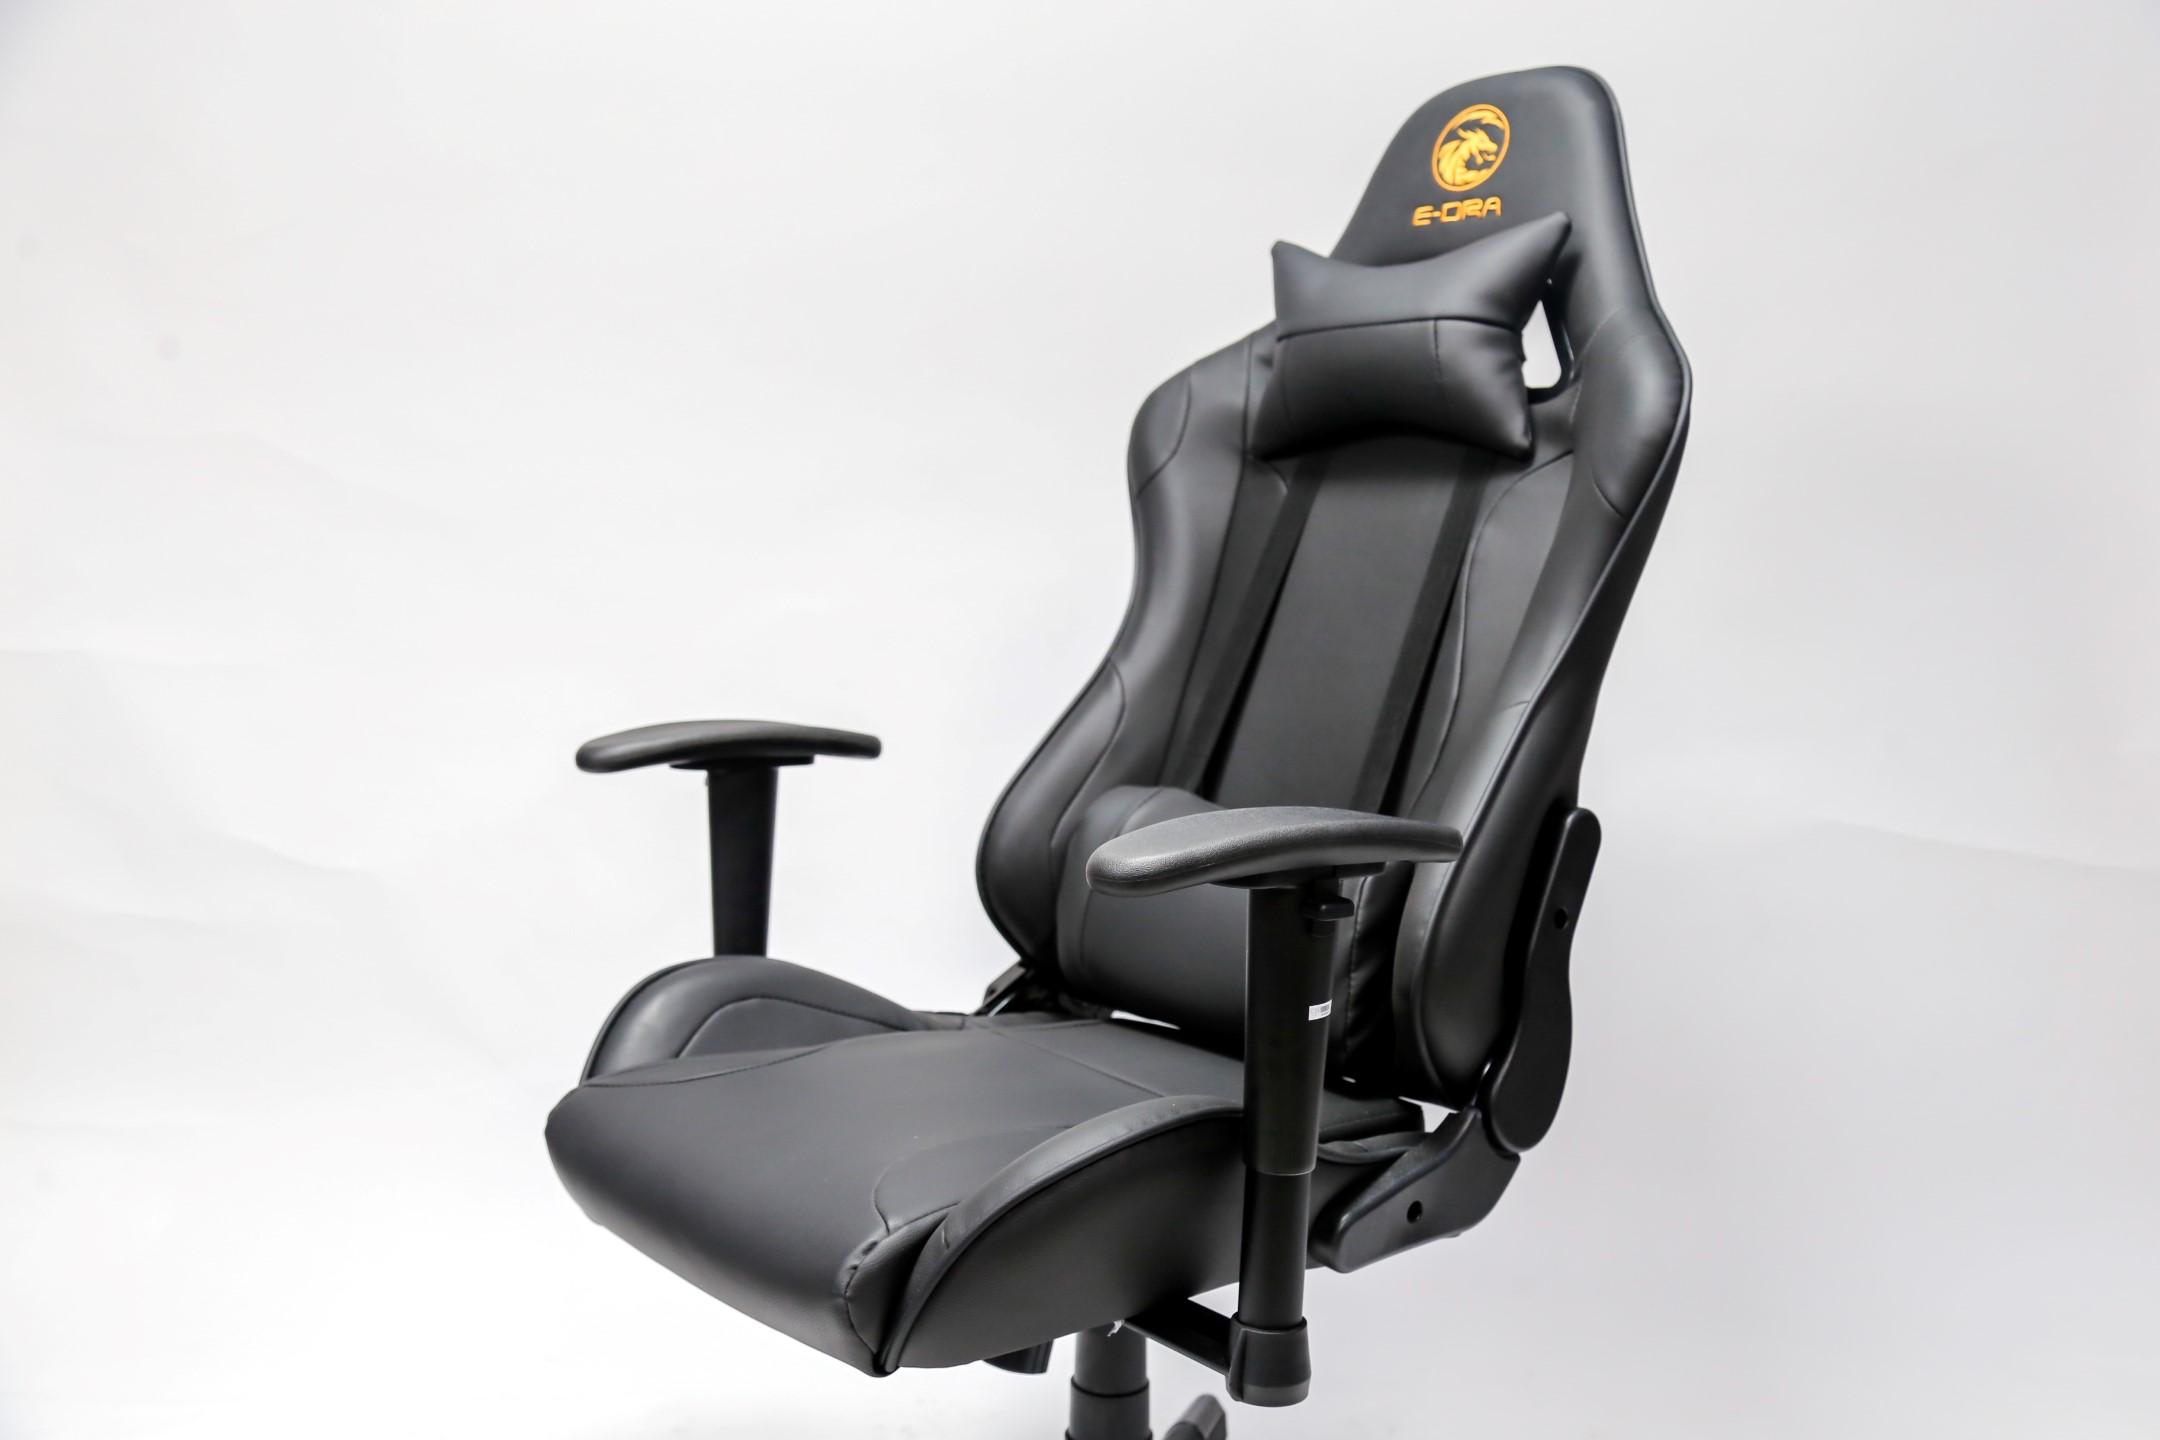 Giới thiệu Ghế Gaming E-dra Mars EGC202 Black